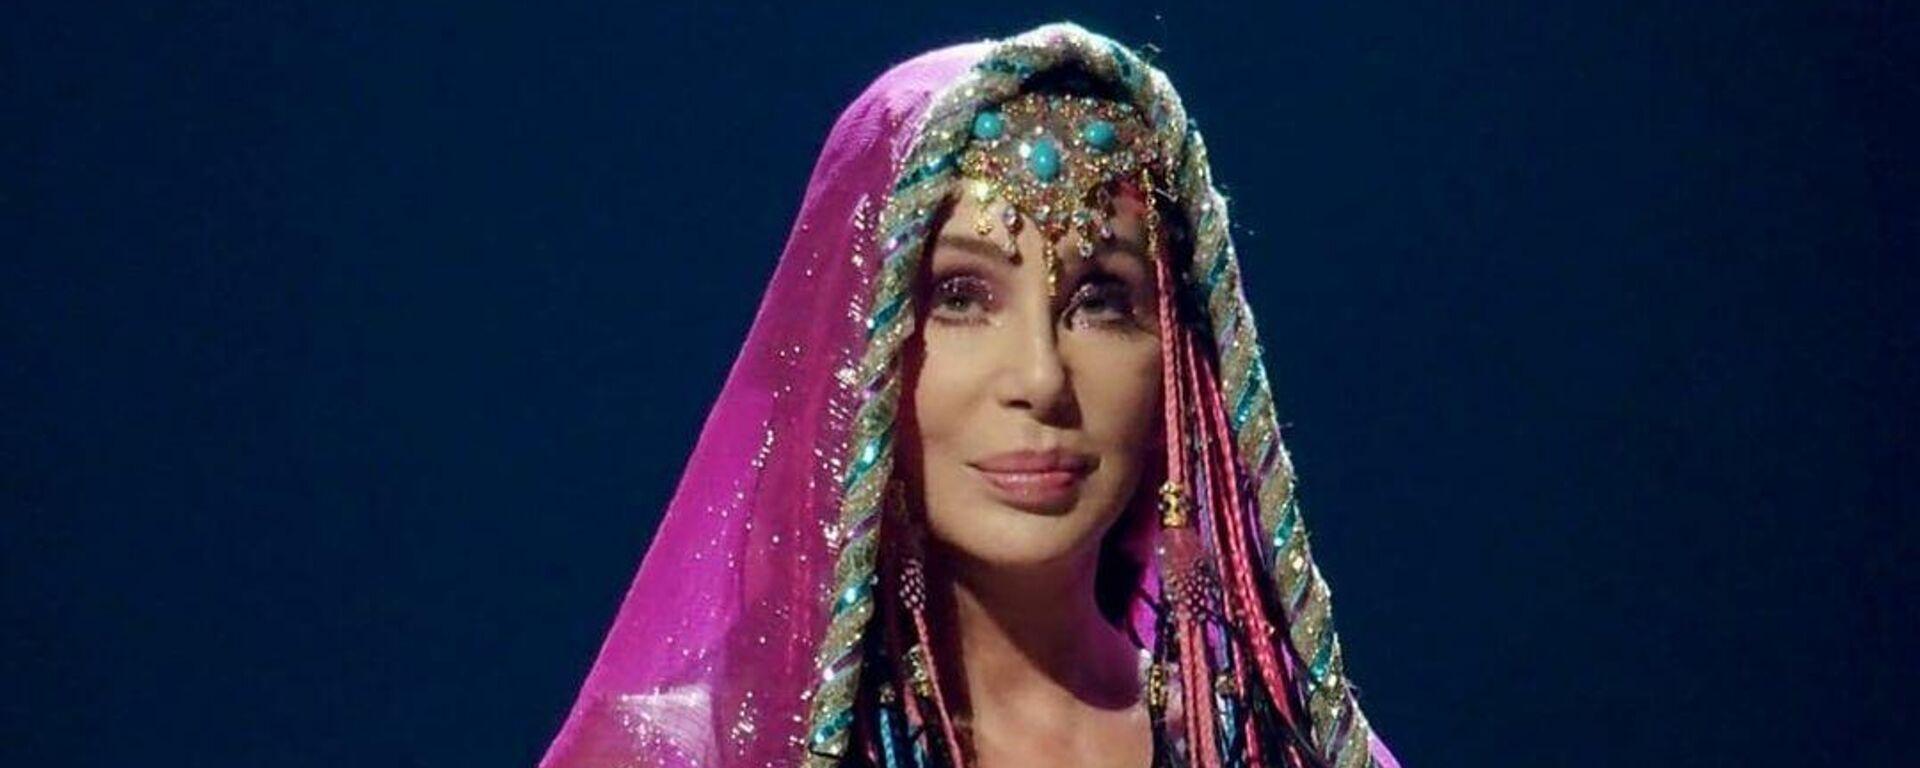 Cher, cantante estadounidense - Sputnik Mundo, 1920, 21.07.2021